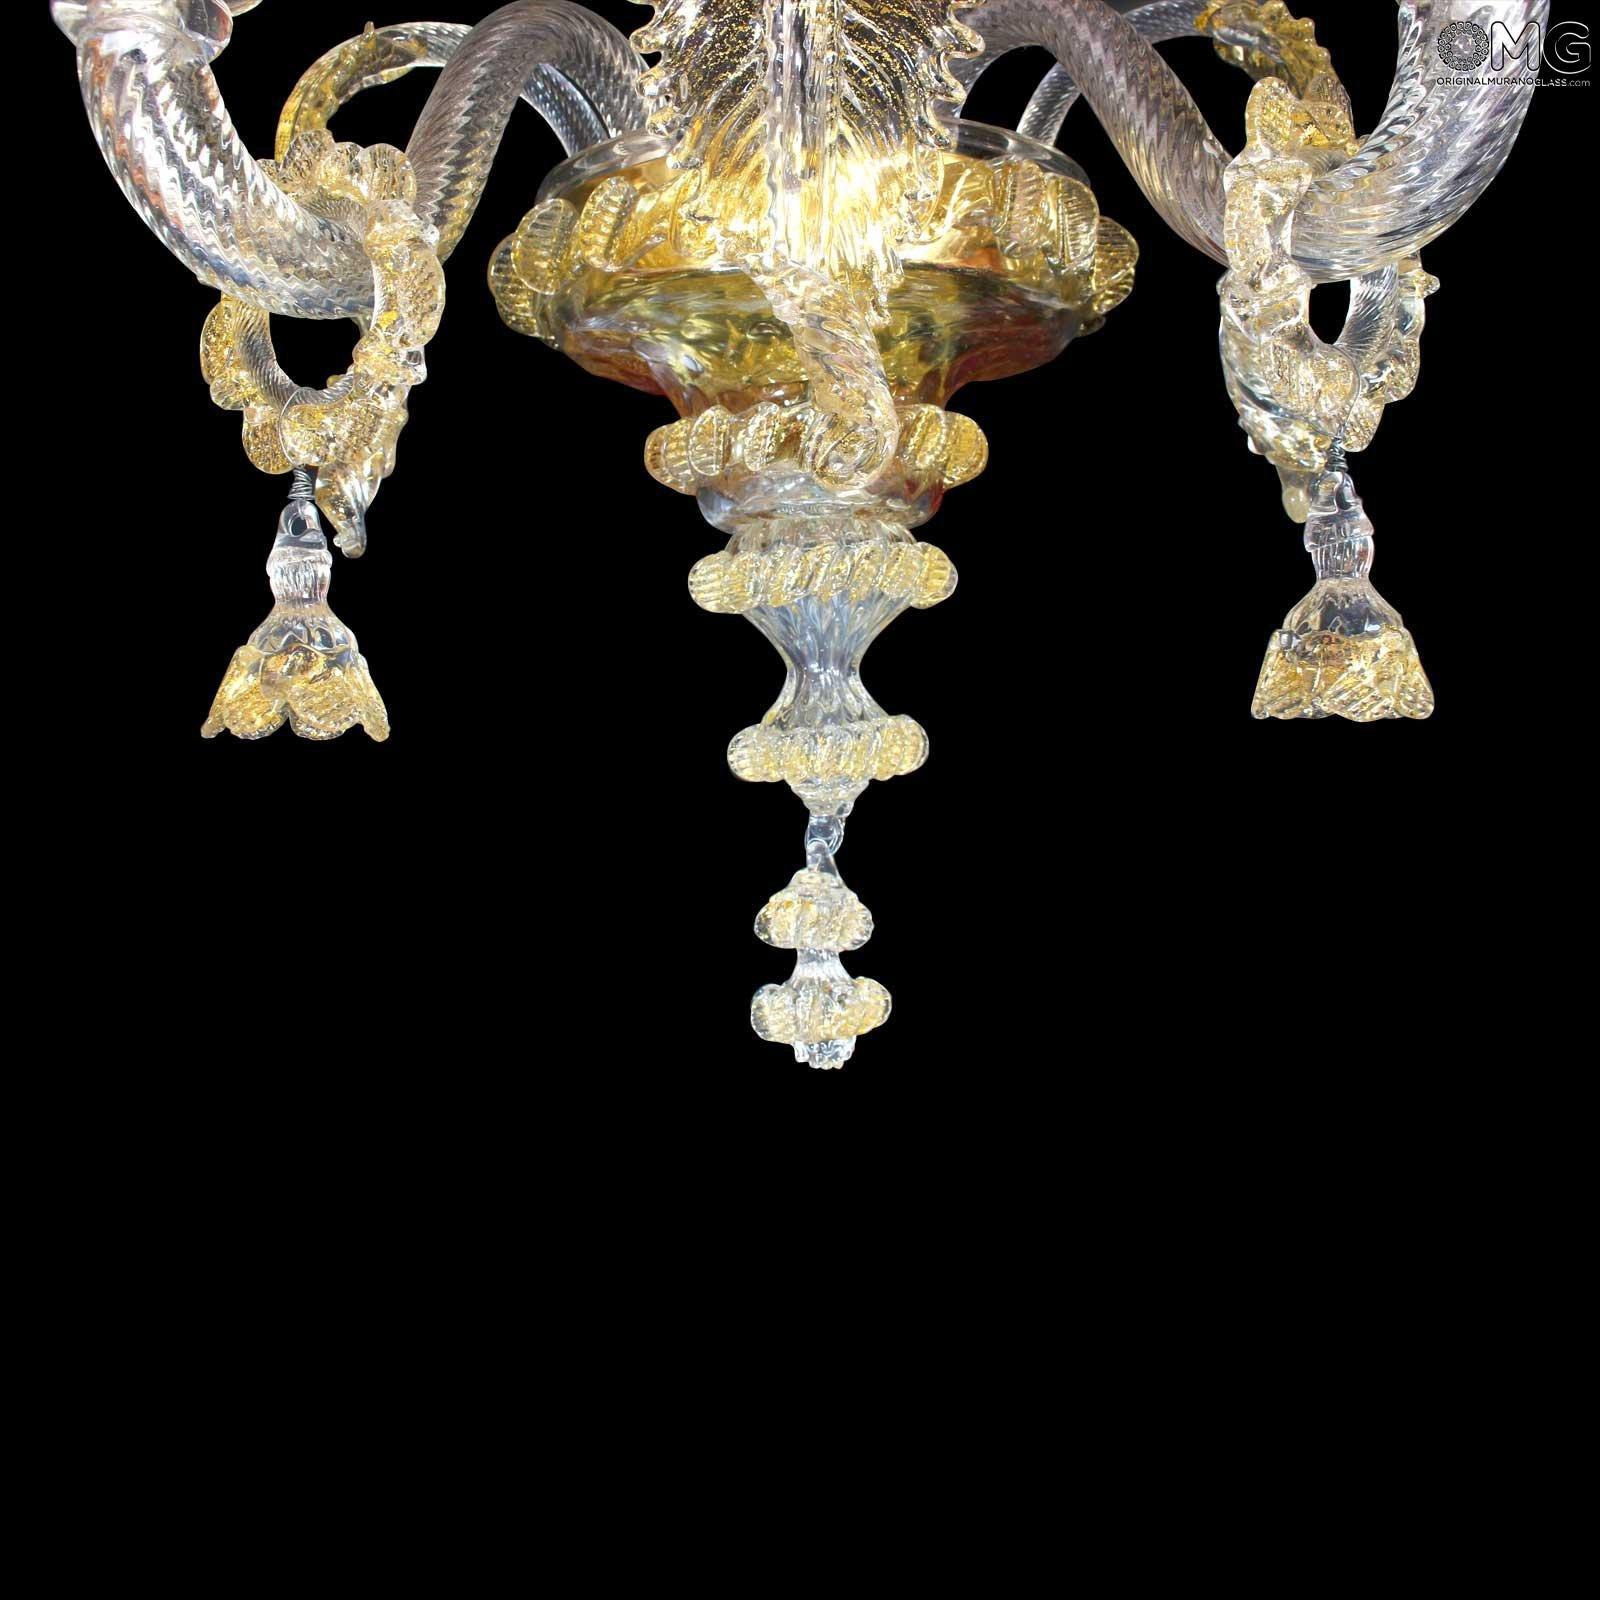 Wall lamp Regina - Gold - Murano Glass